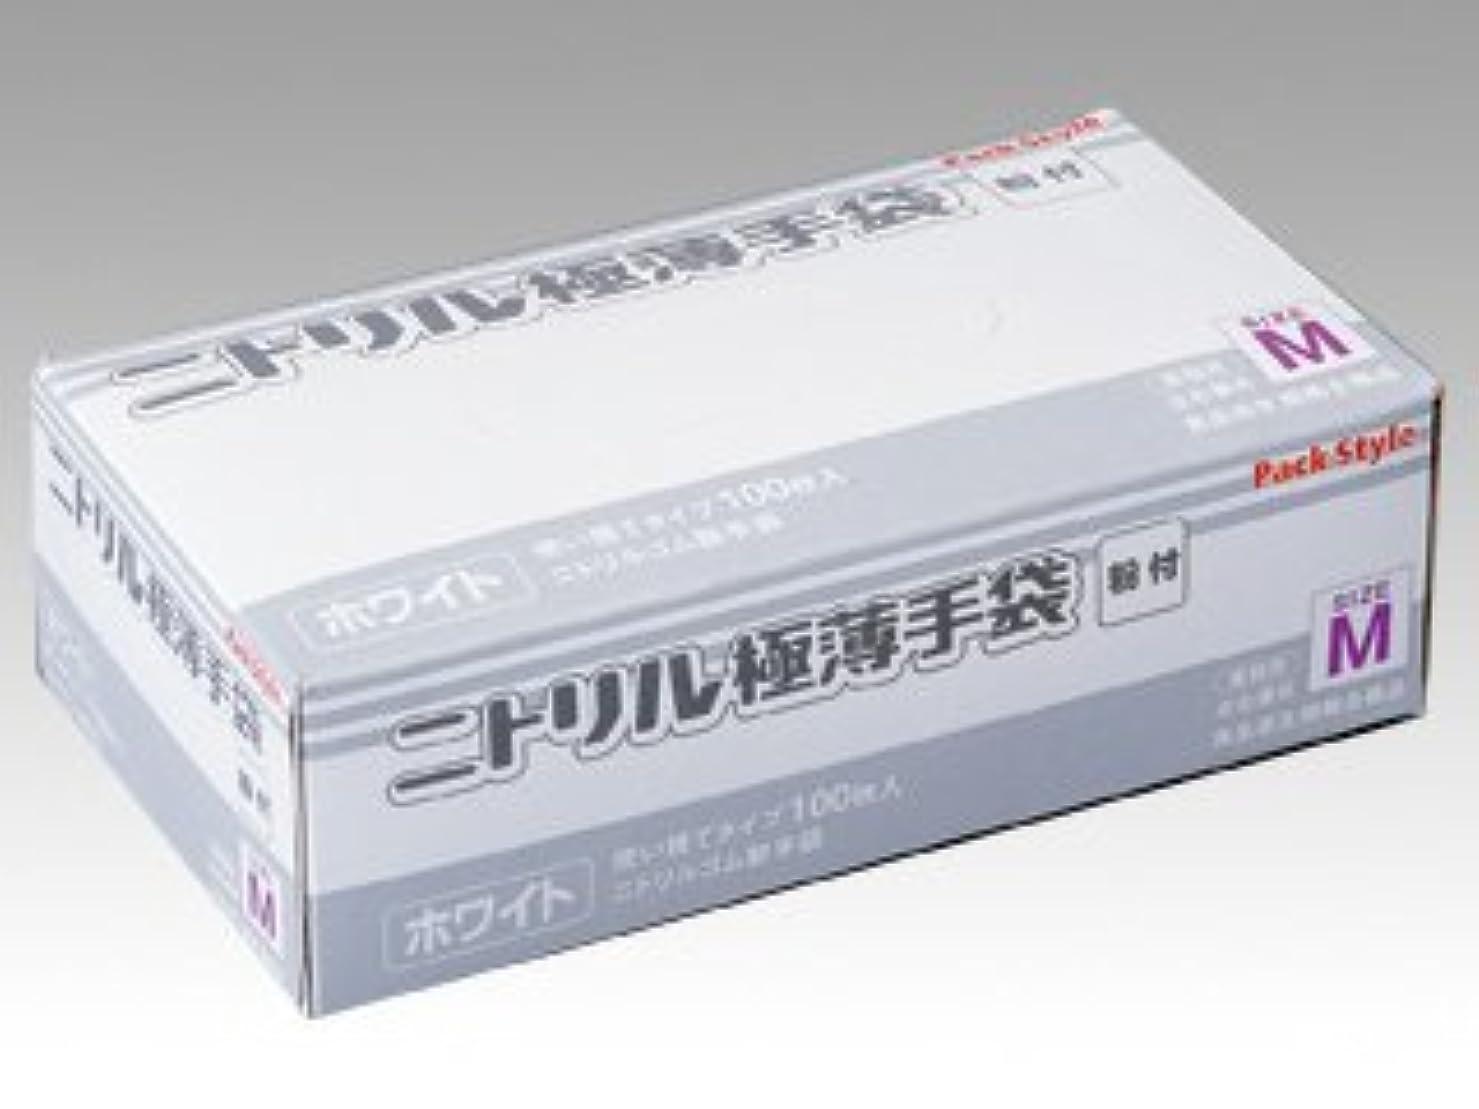 代数的不測の事態圧縮された【PackStyle】ニトリル手袋 粉付 白 M